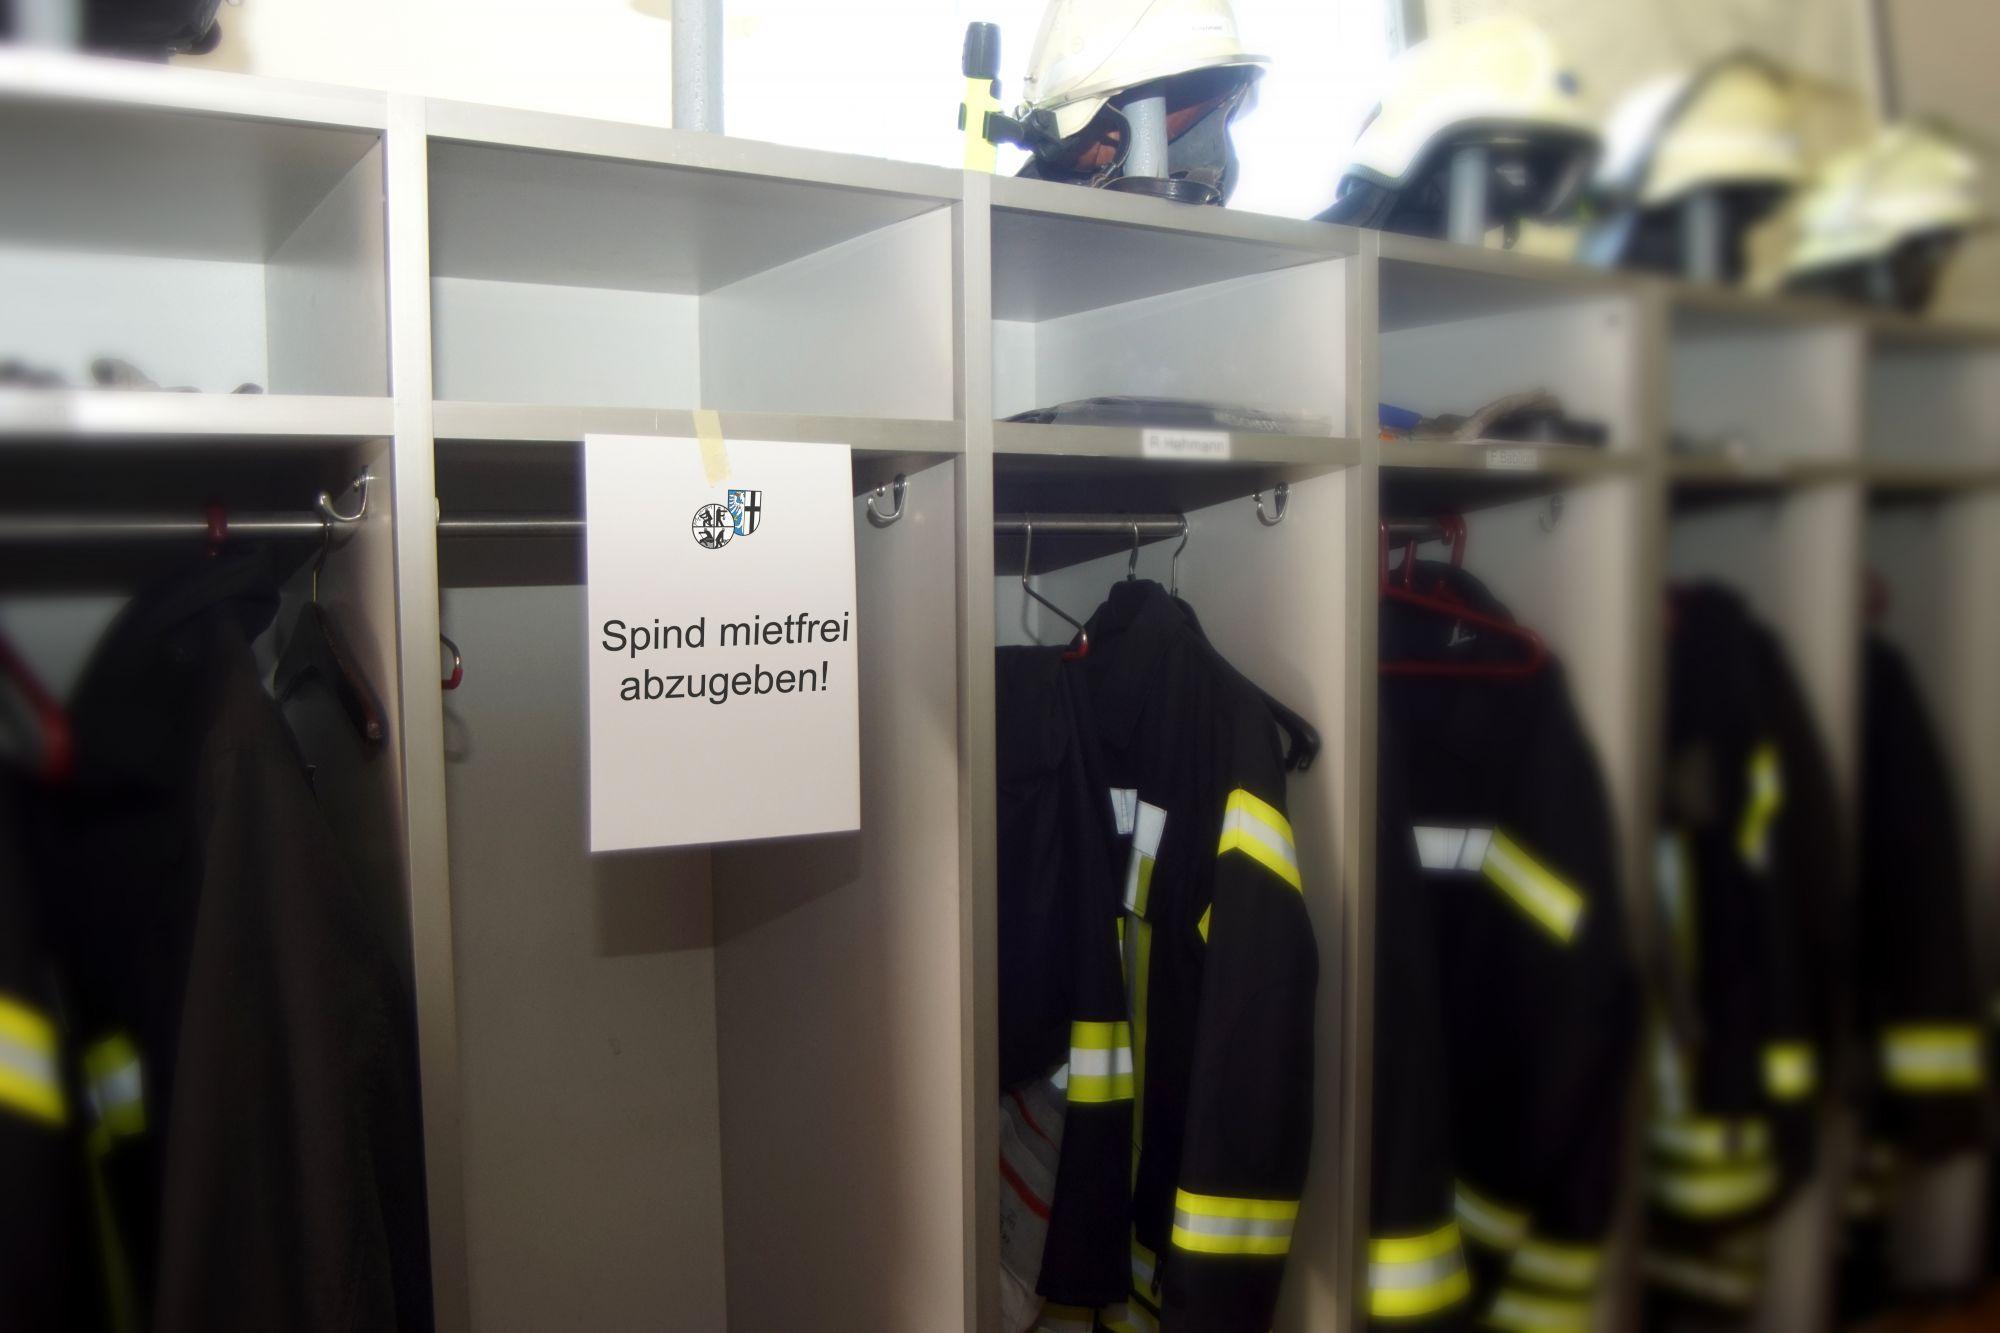 stadt_aktivitaeten_2018/Feuerwehrmile_001.jpg